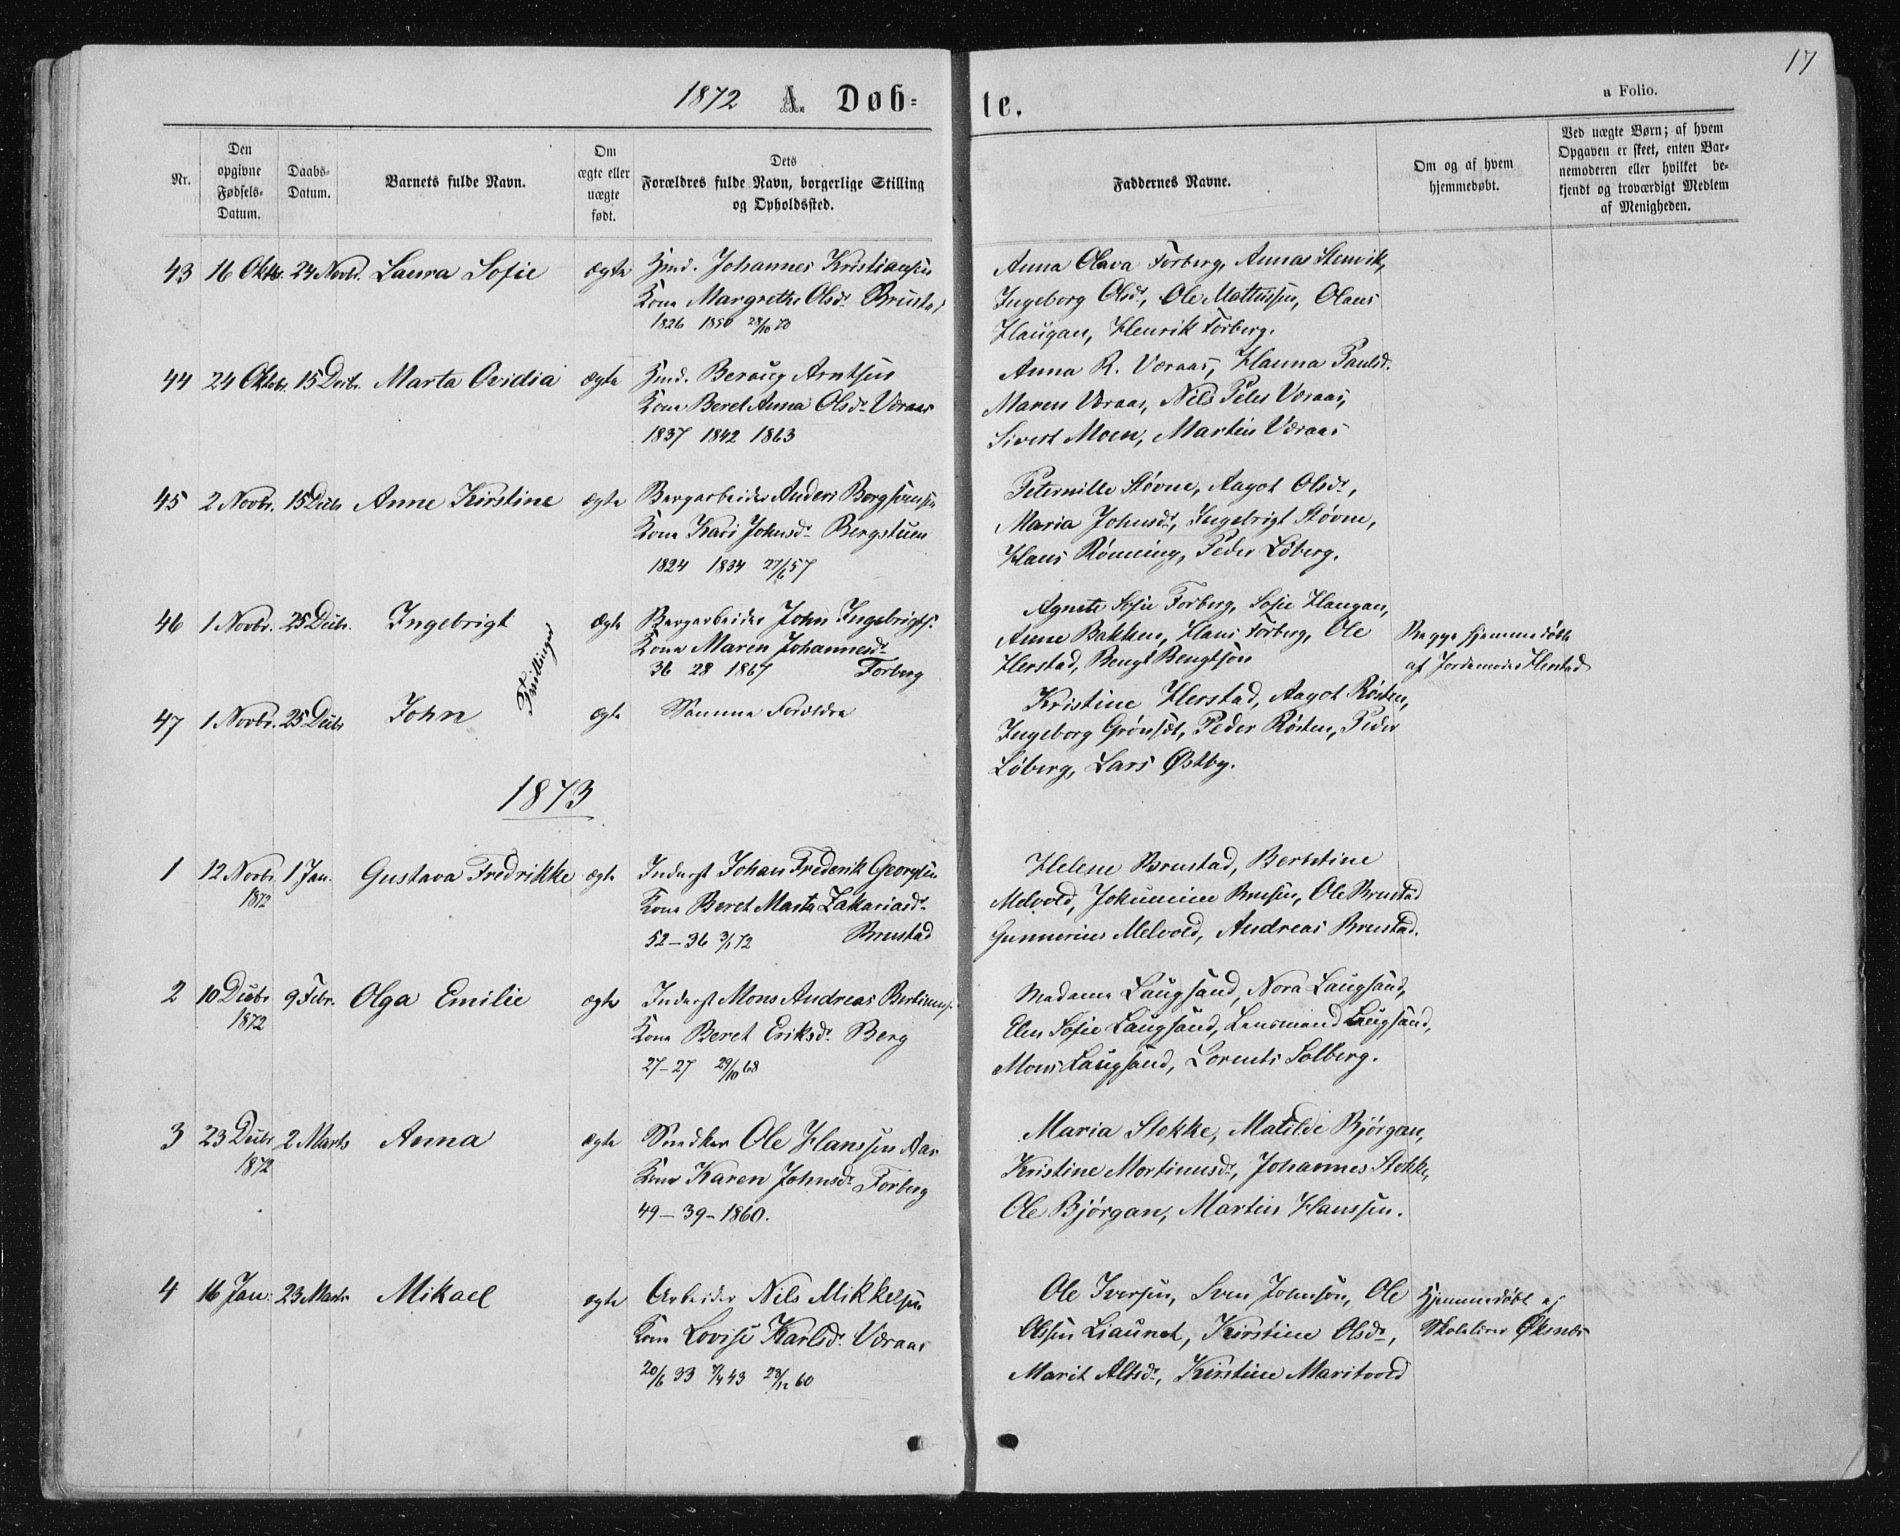 SAT, Ministerialprotokoller, klokkerbøker og fødselsregistre - Nord-Trøndelag, 722/L0219: Ministerialbok nr. 722A06, 1868-1880, s. 17